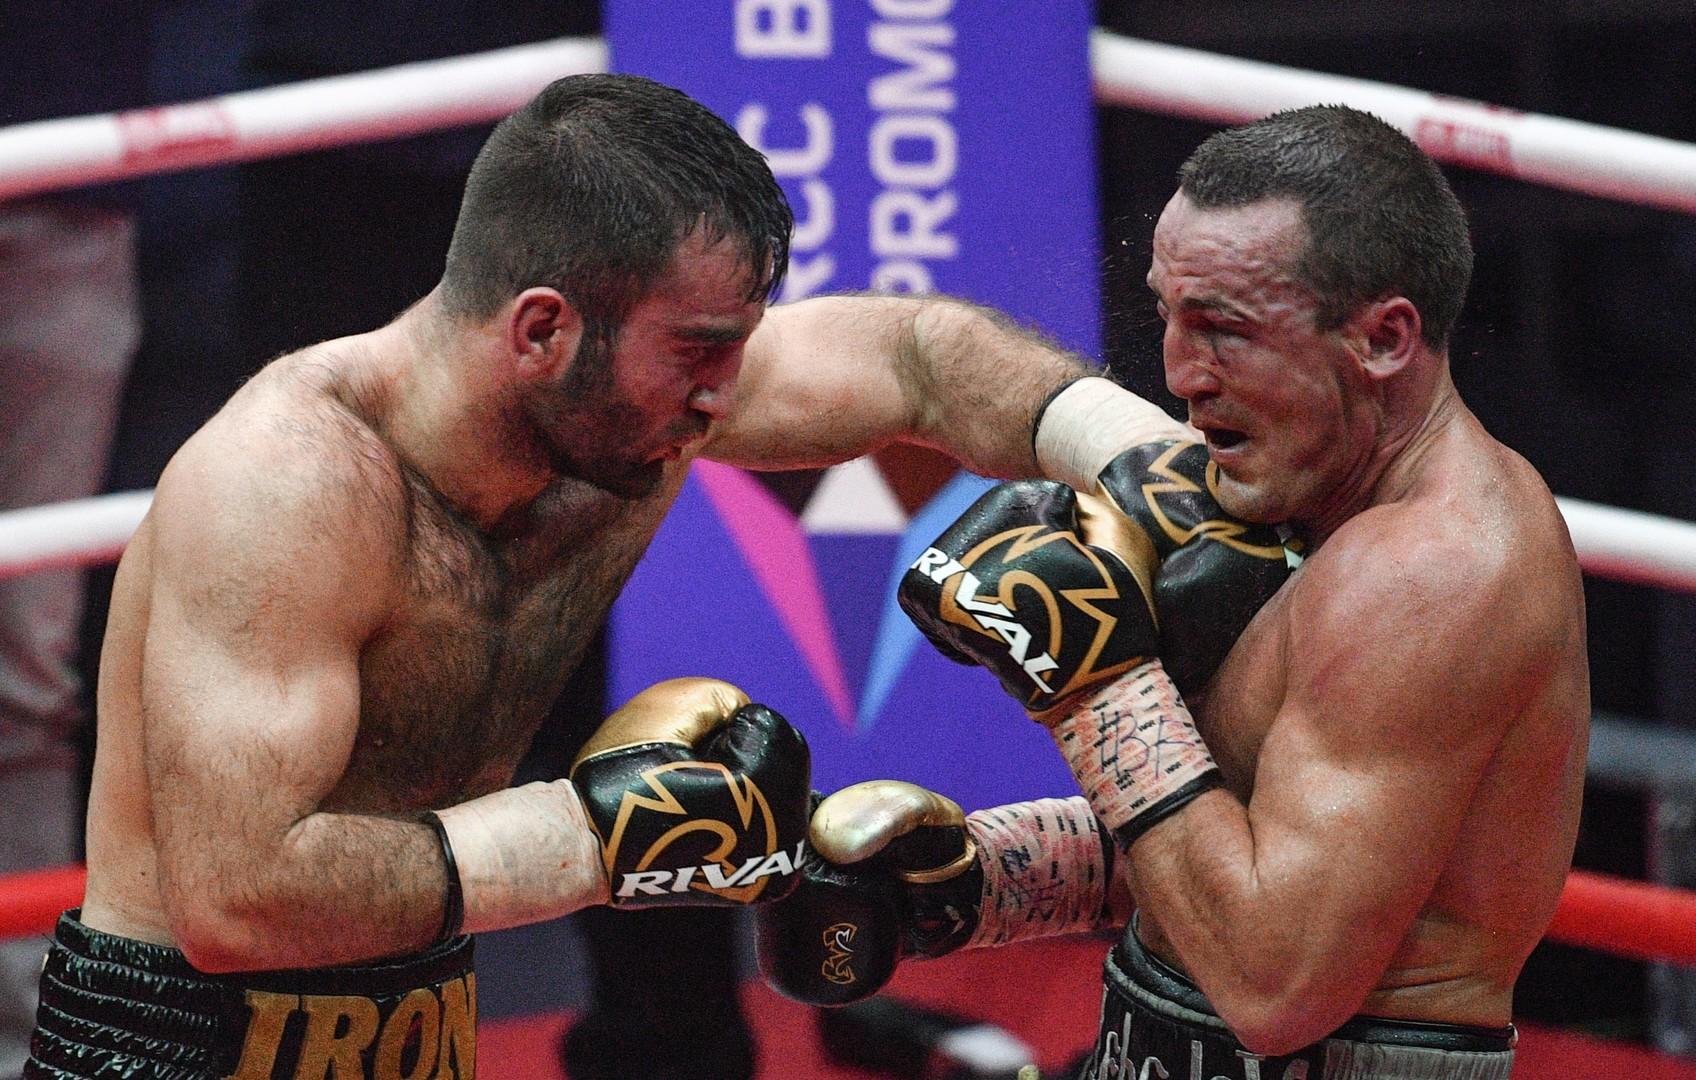 Претендент не промах: Гассиев победил Лебедева и стал чемпионом мира по версии IBF